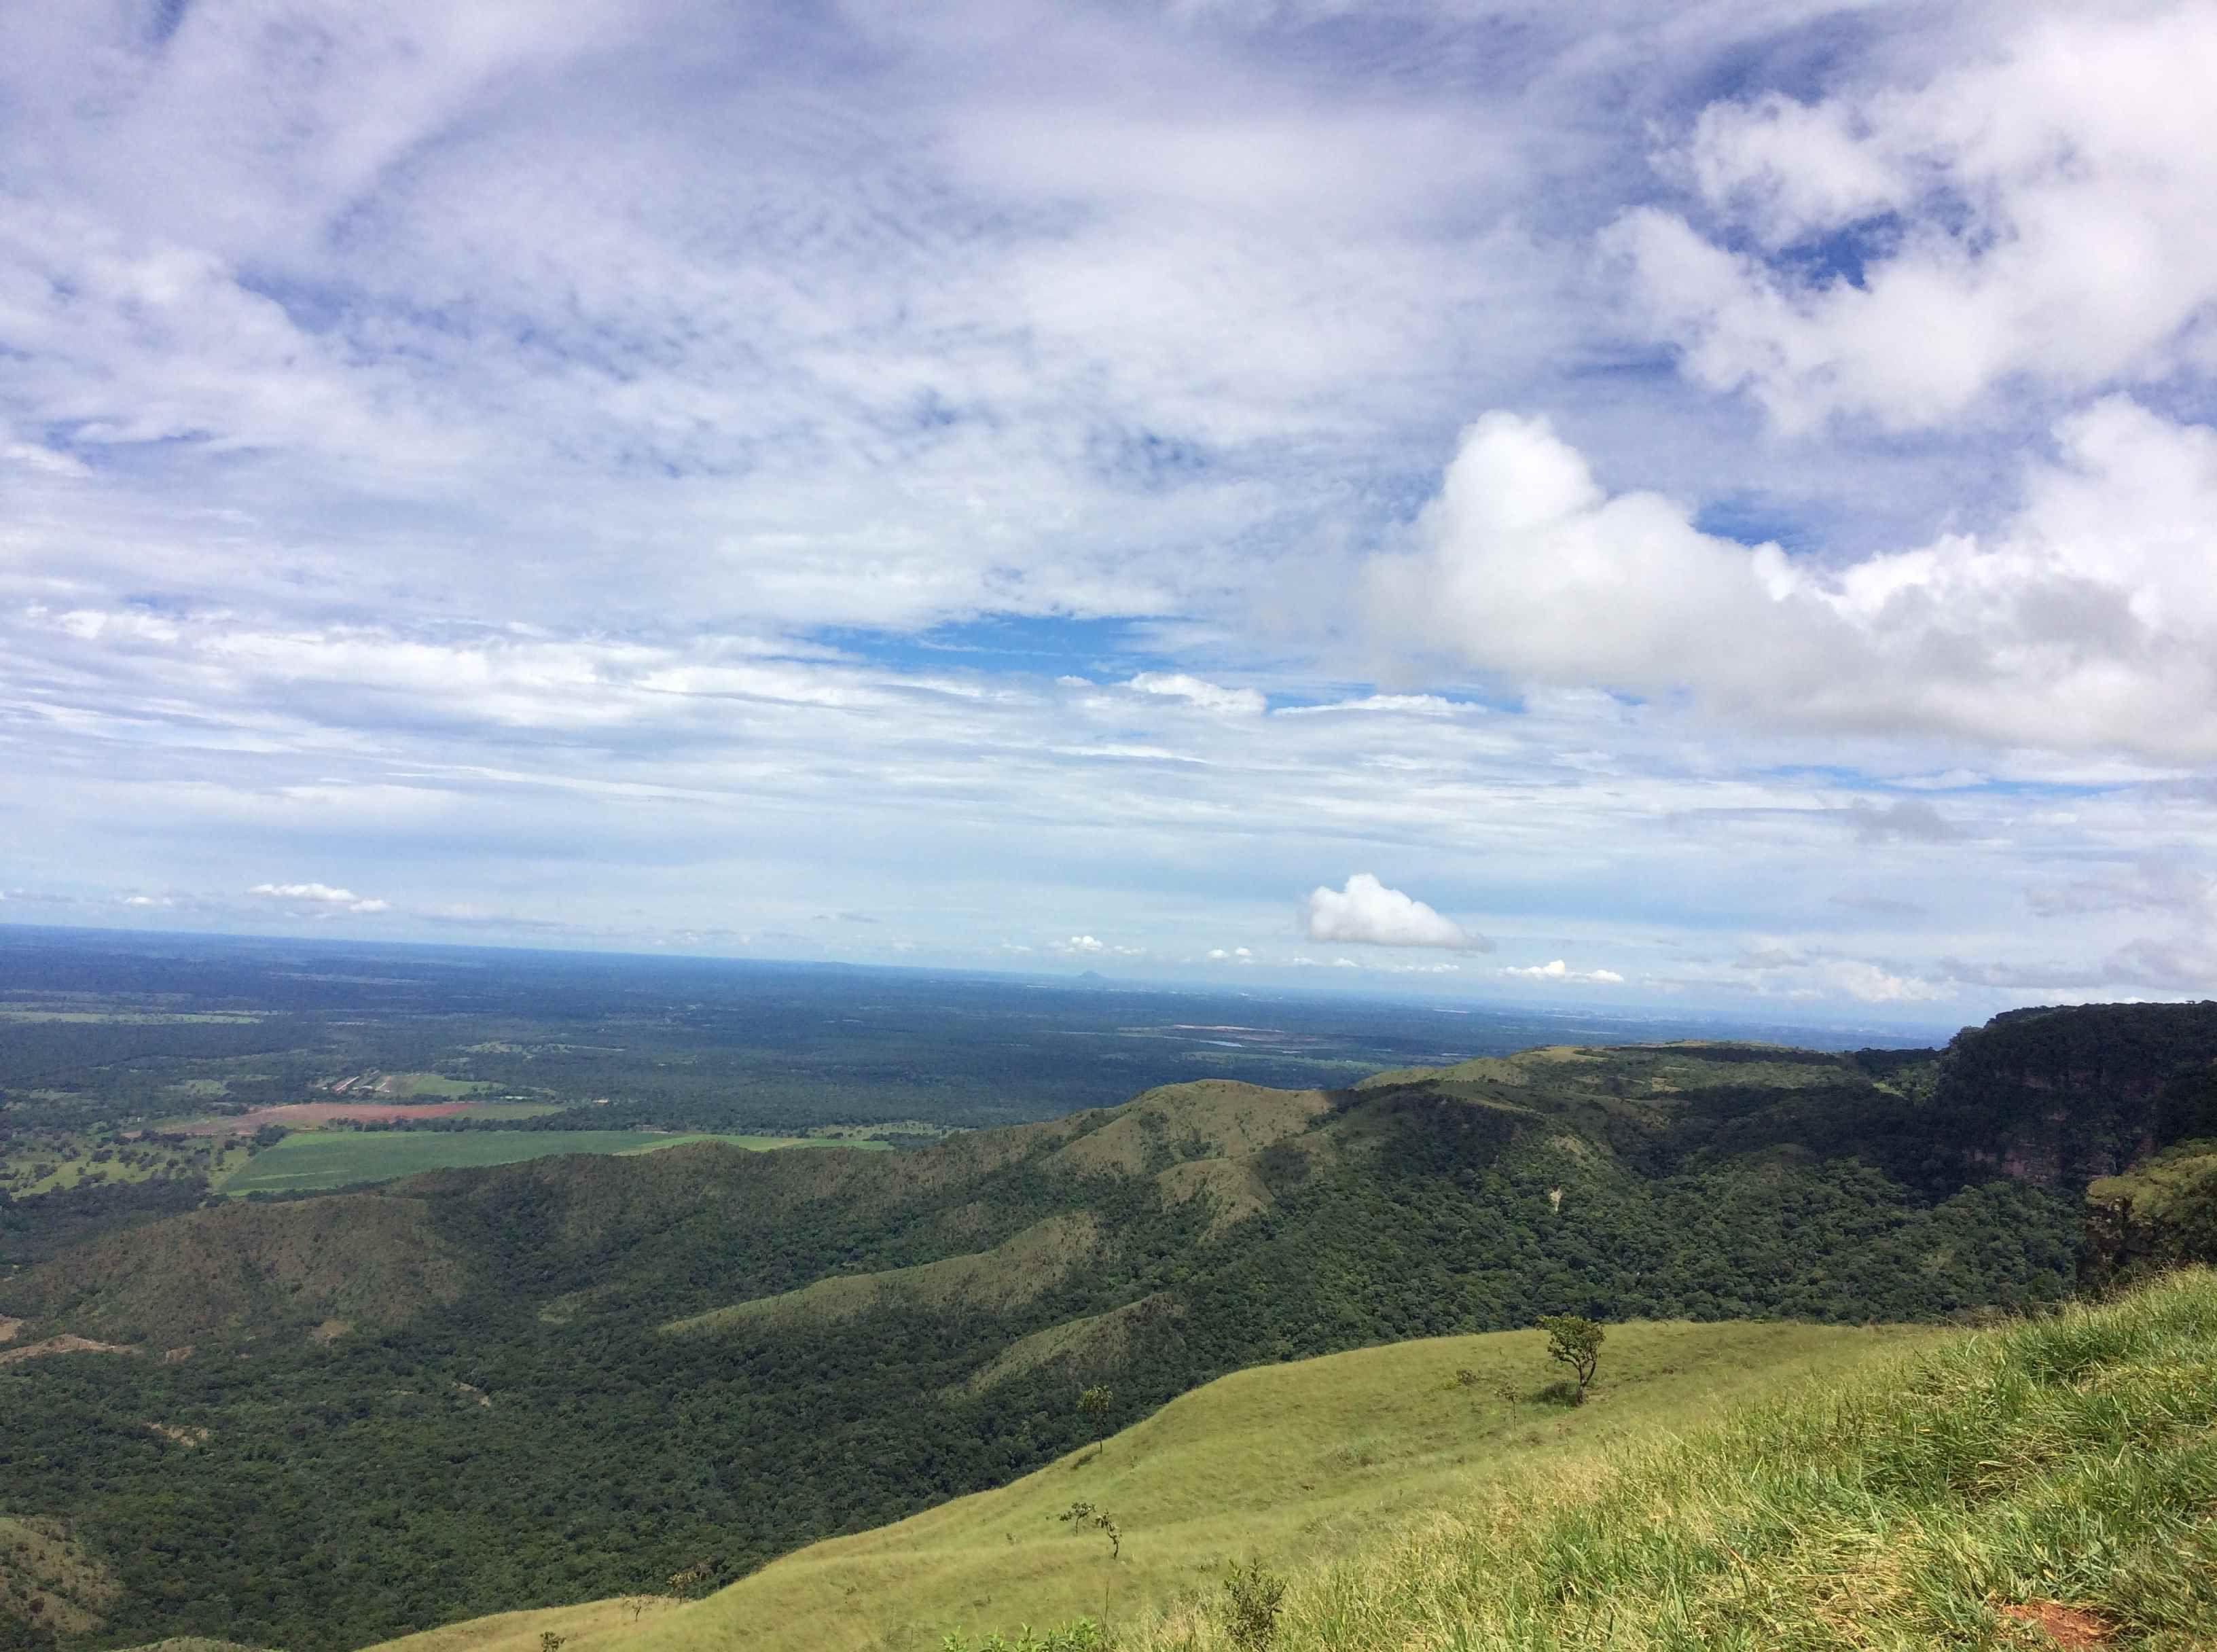 Chapada dos Guimarães - Mato Grosso MT - Brasil - Viagem Volta ao Mundo - Just Go #JustGo